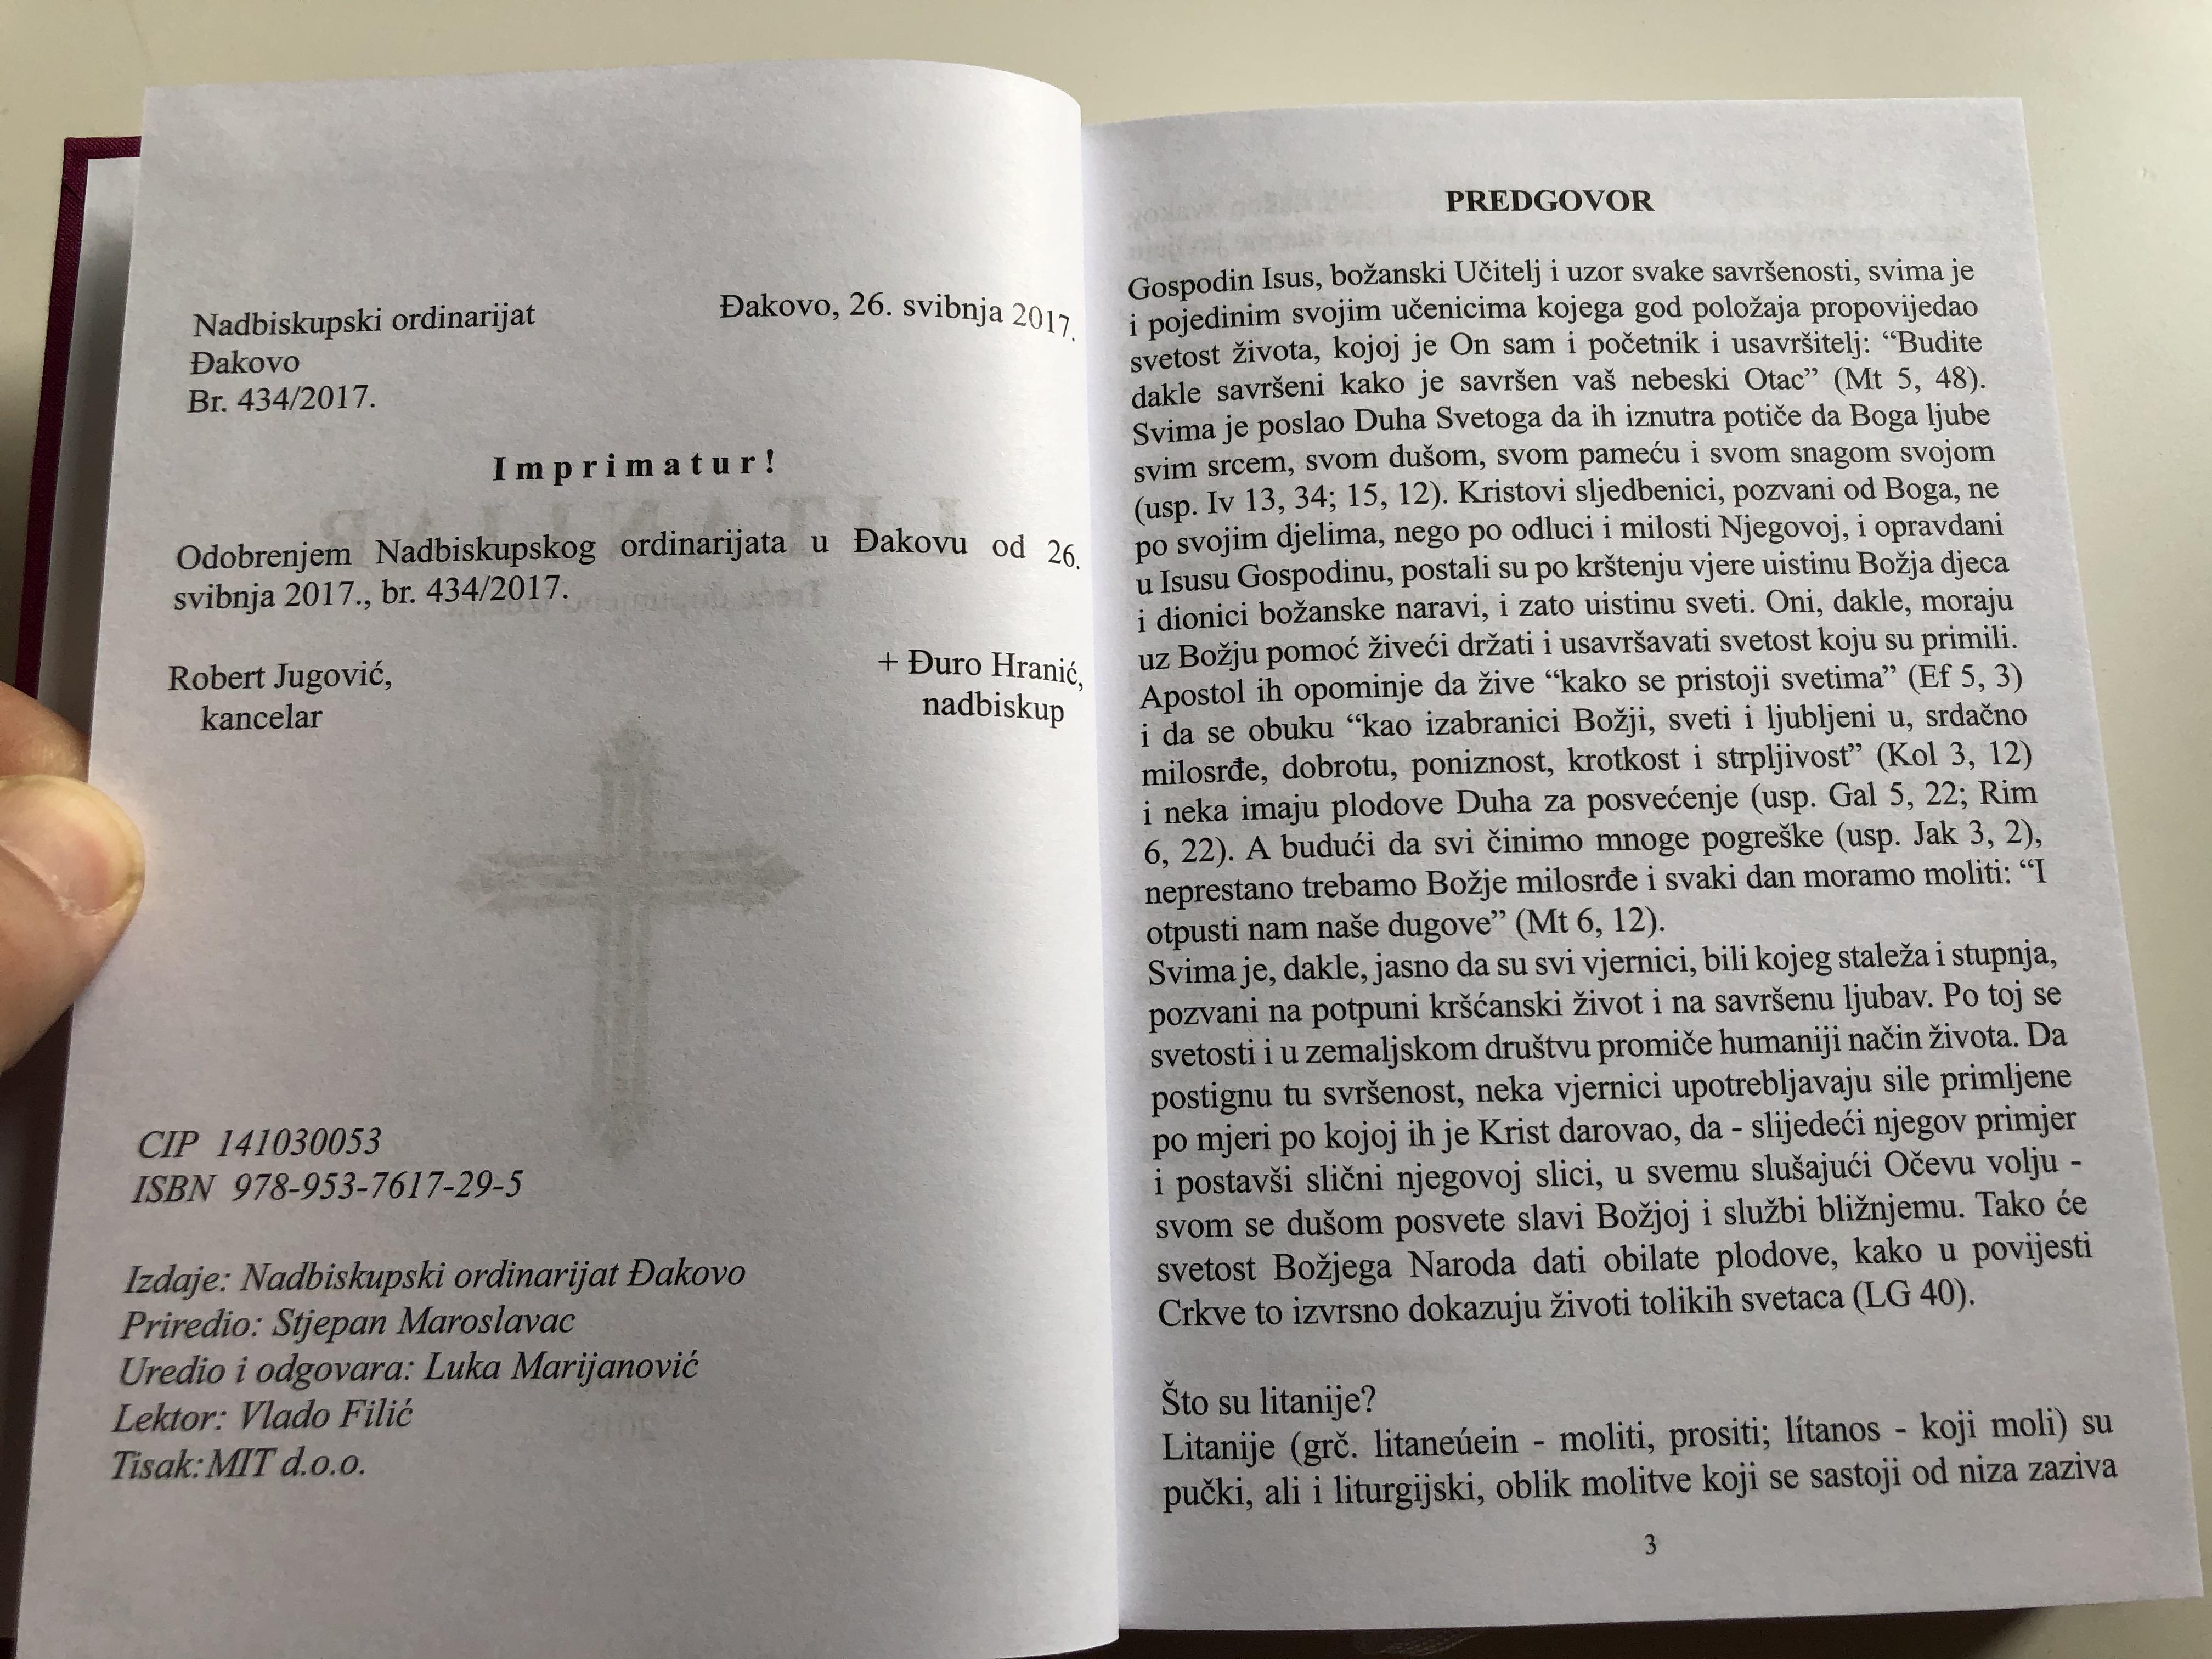 -litanijar-3-tre-e-dopunjeno-izdanje-croatian-language-catholic-litany-book-4.jpg